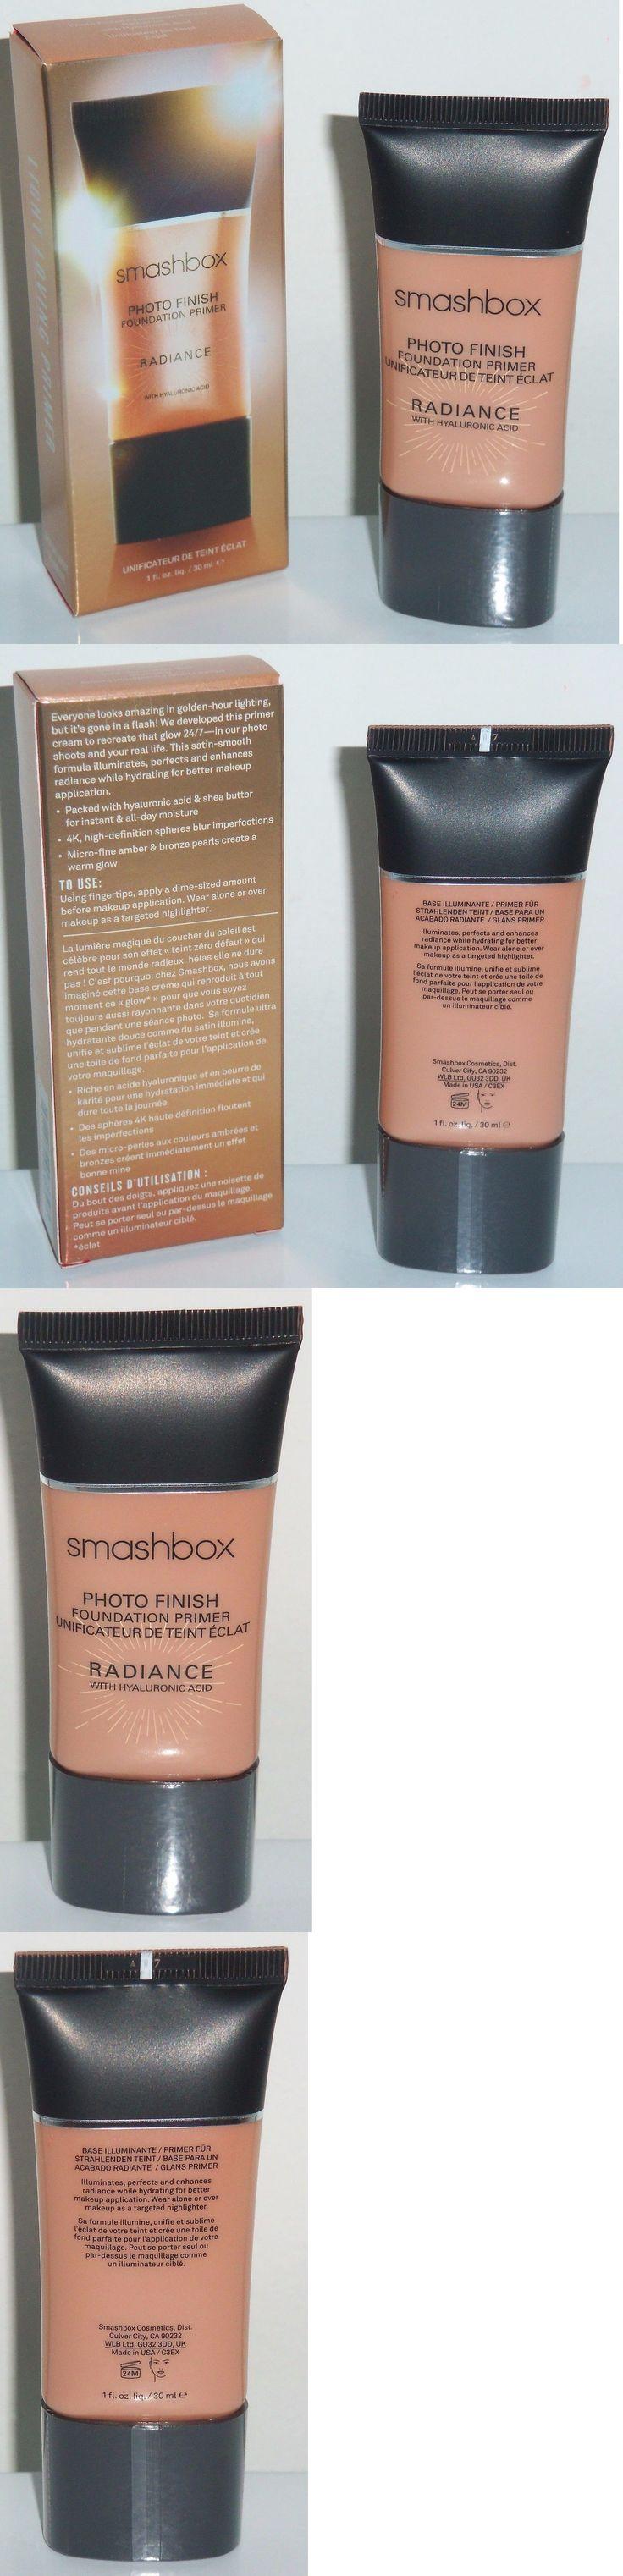 Foundation Primer: *Brand New In Box* Smashbox Photo Finish Foundation Primer Radiance 1Floz(30Ml) -> BUY IT NOW ONLY: $38.99 on eBay!